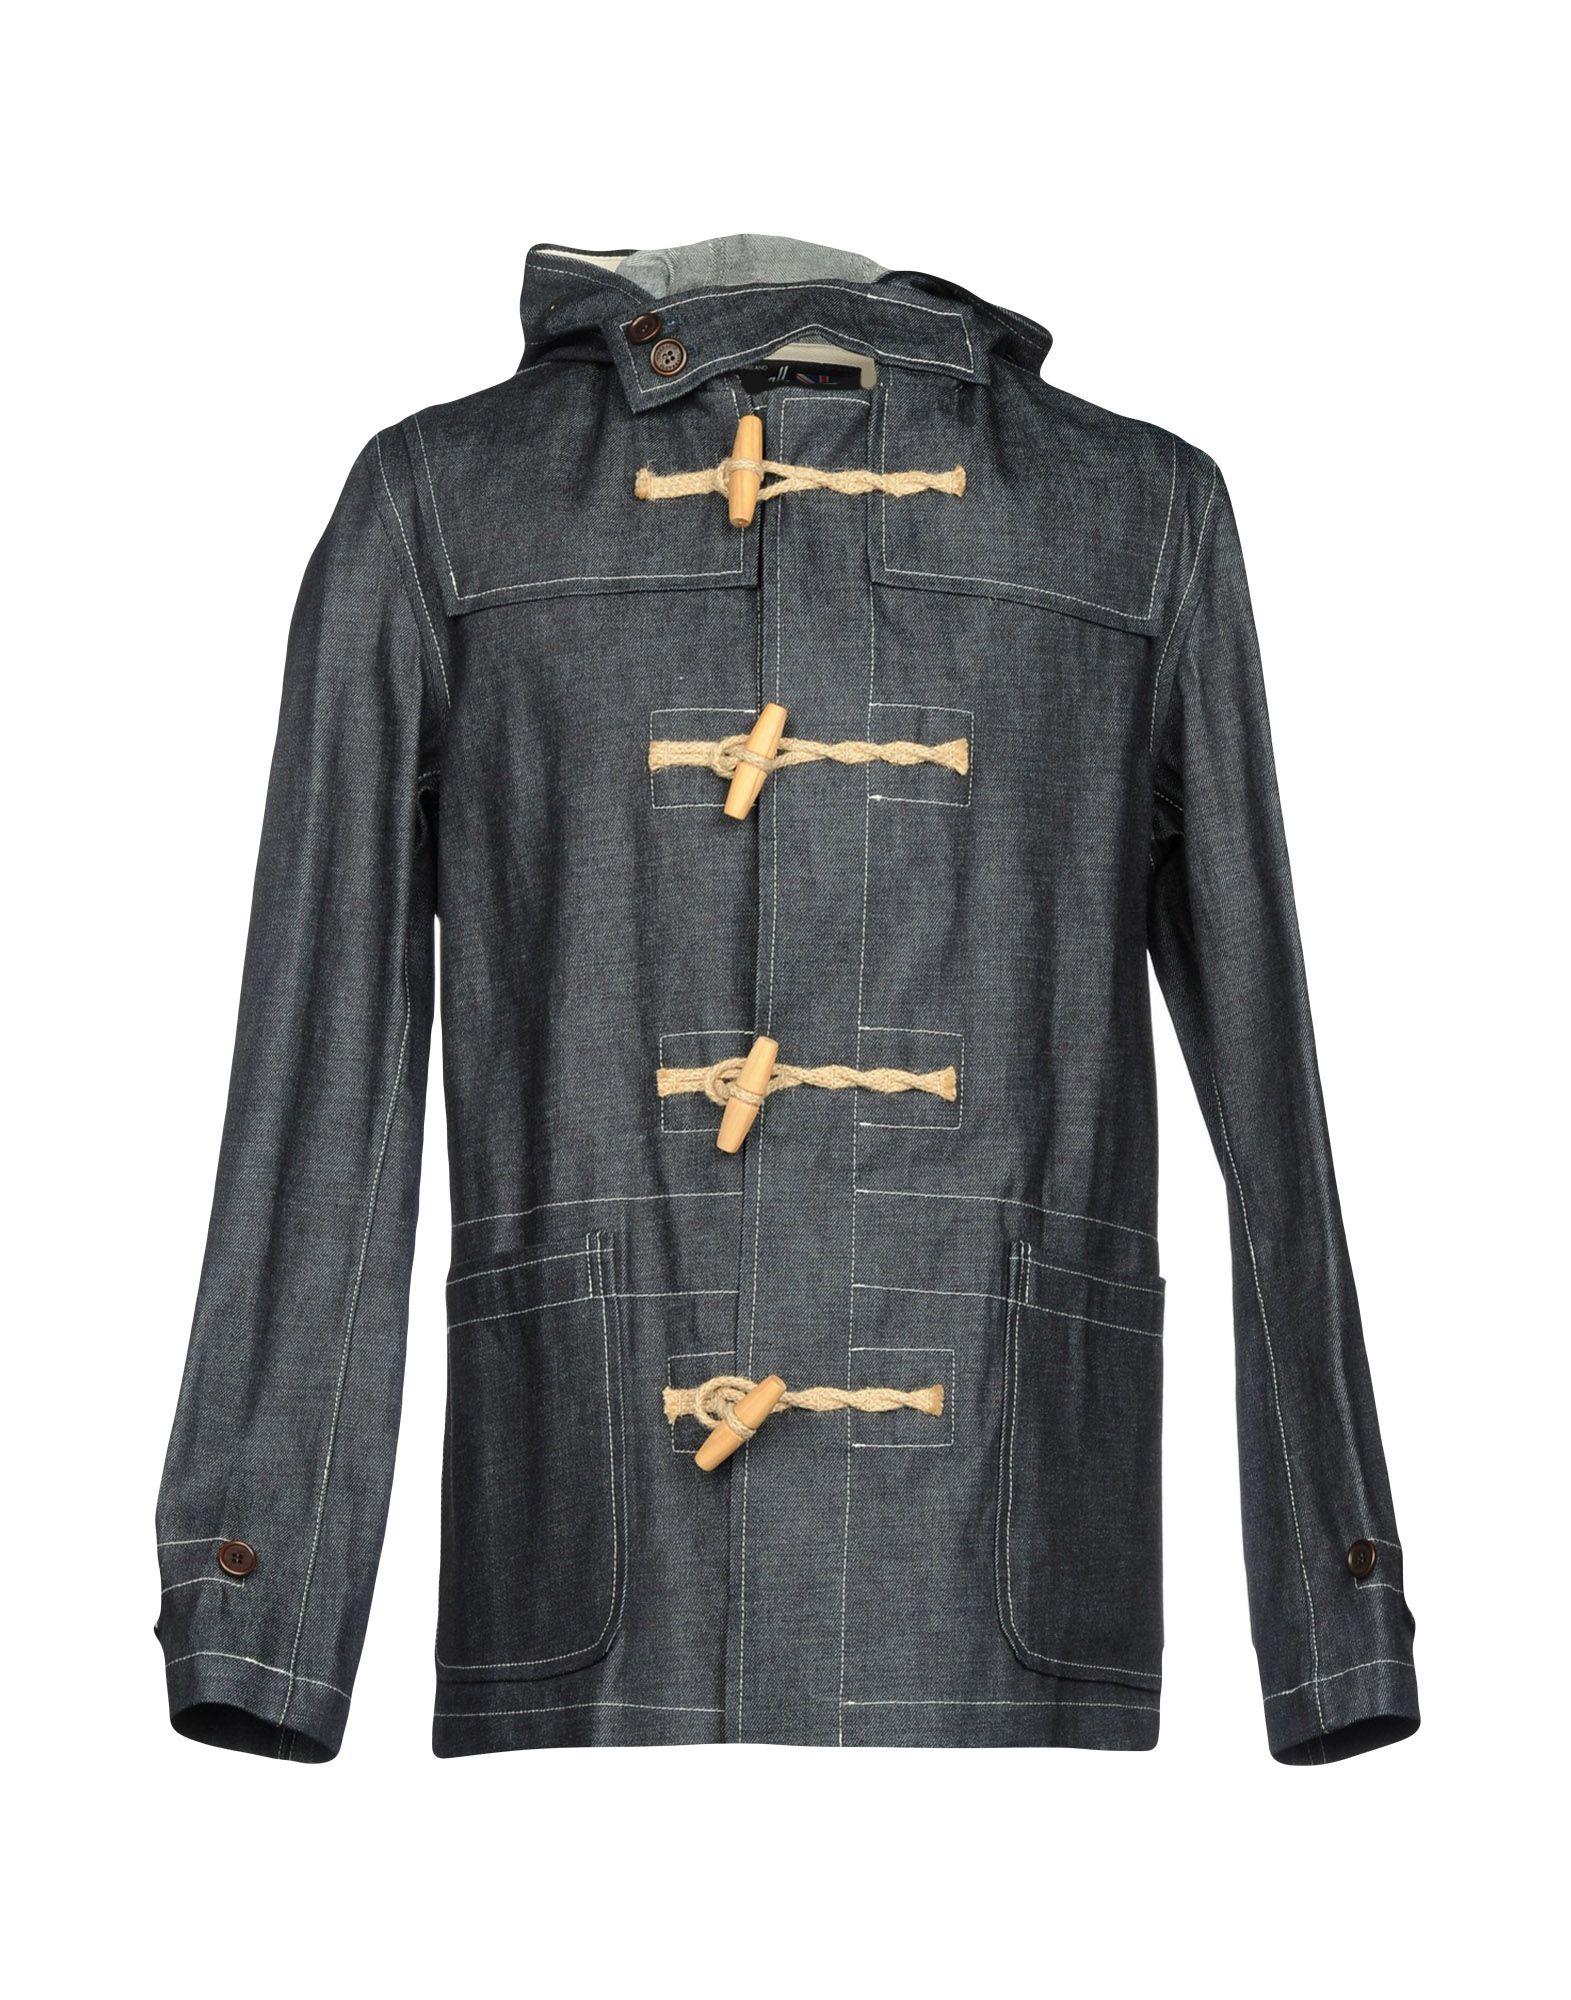 GLOVERALL Джинсовая верхняя одежда